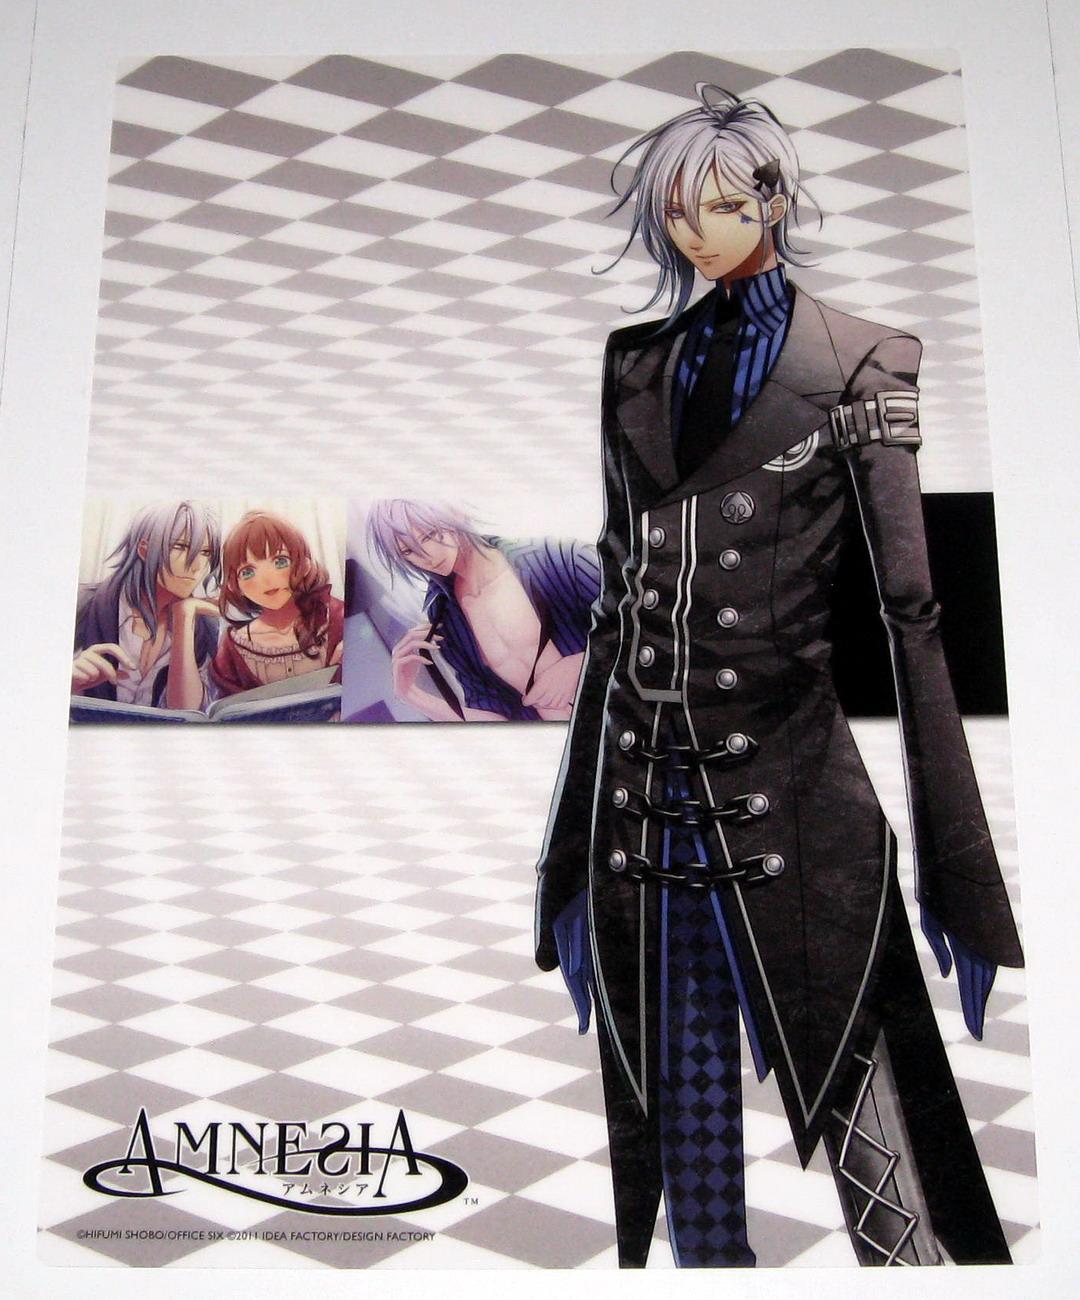 Amnesia Still Collection Premium v7 - 02